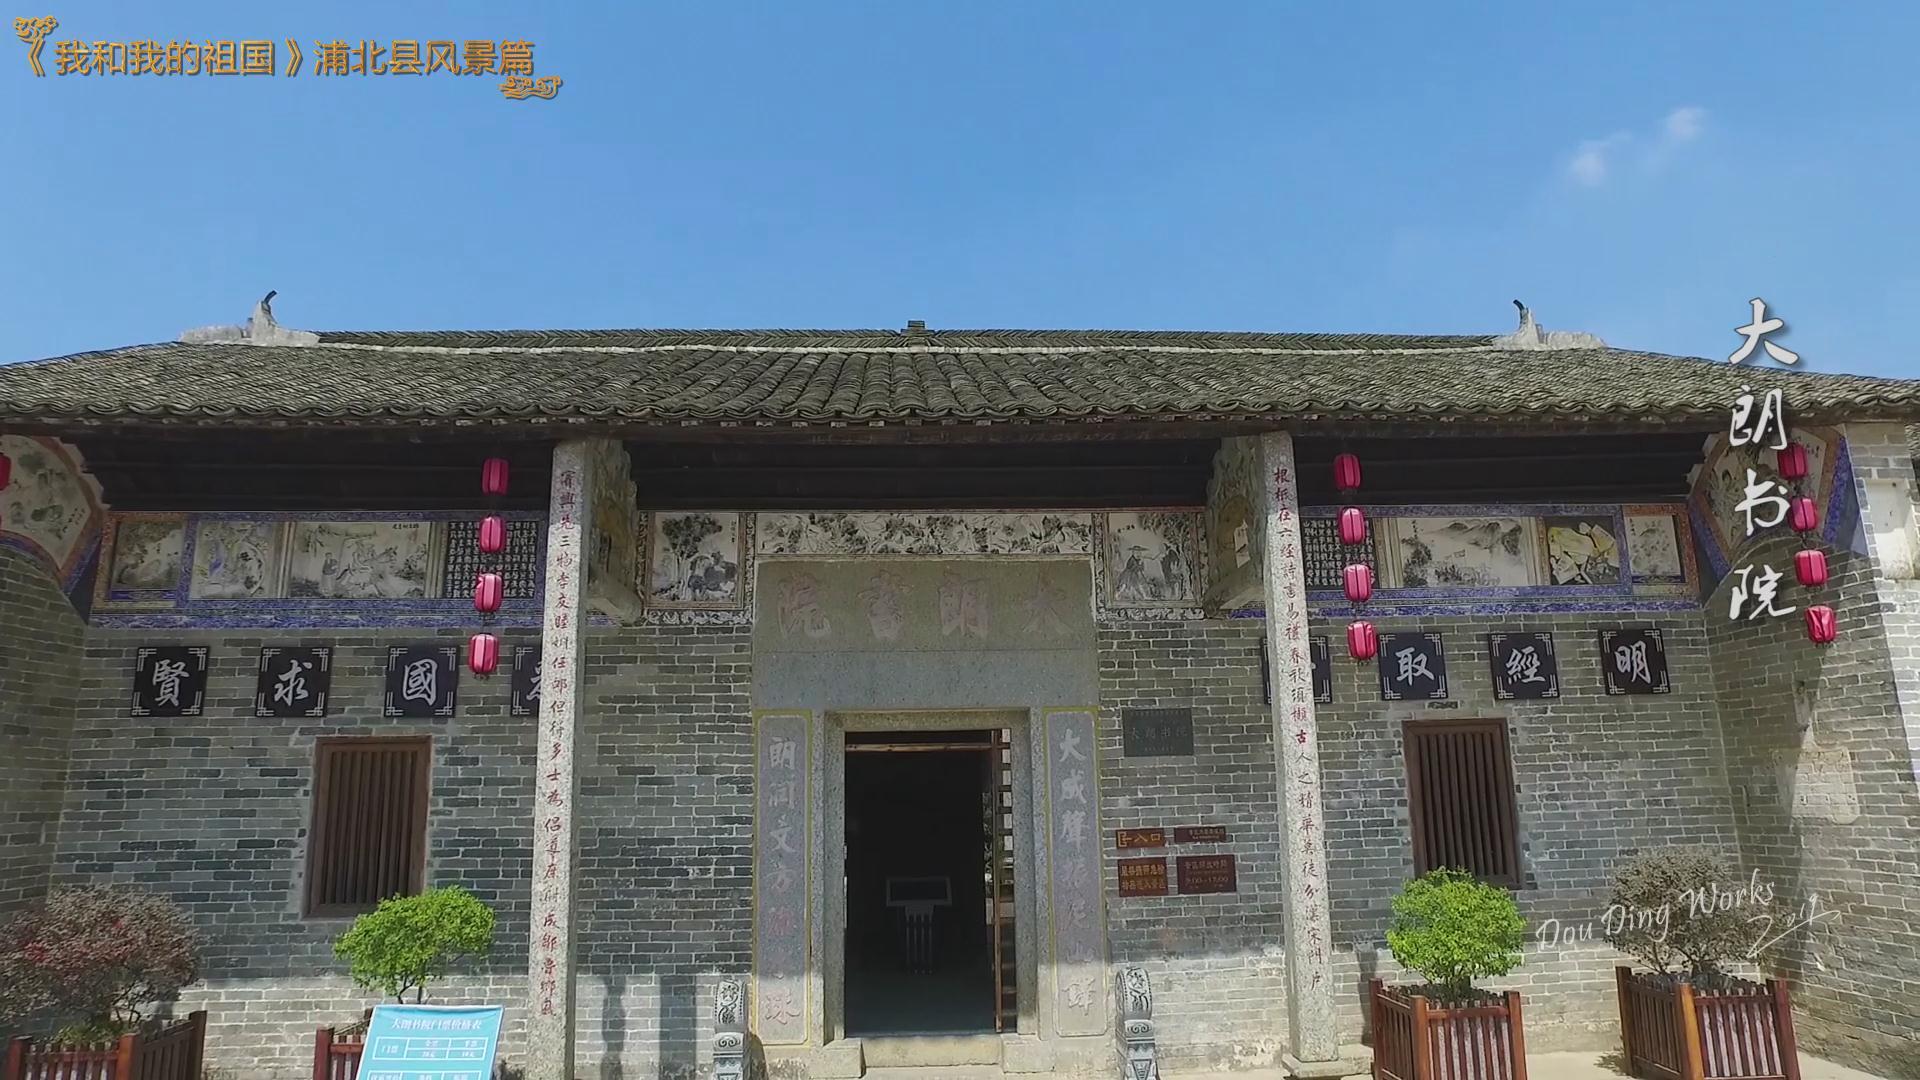 《我和我的祖国》浦北县风景篇8.jpg